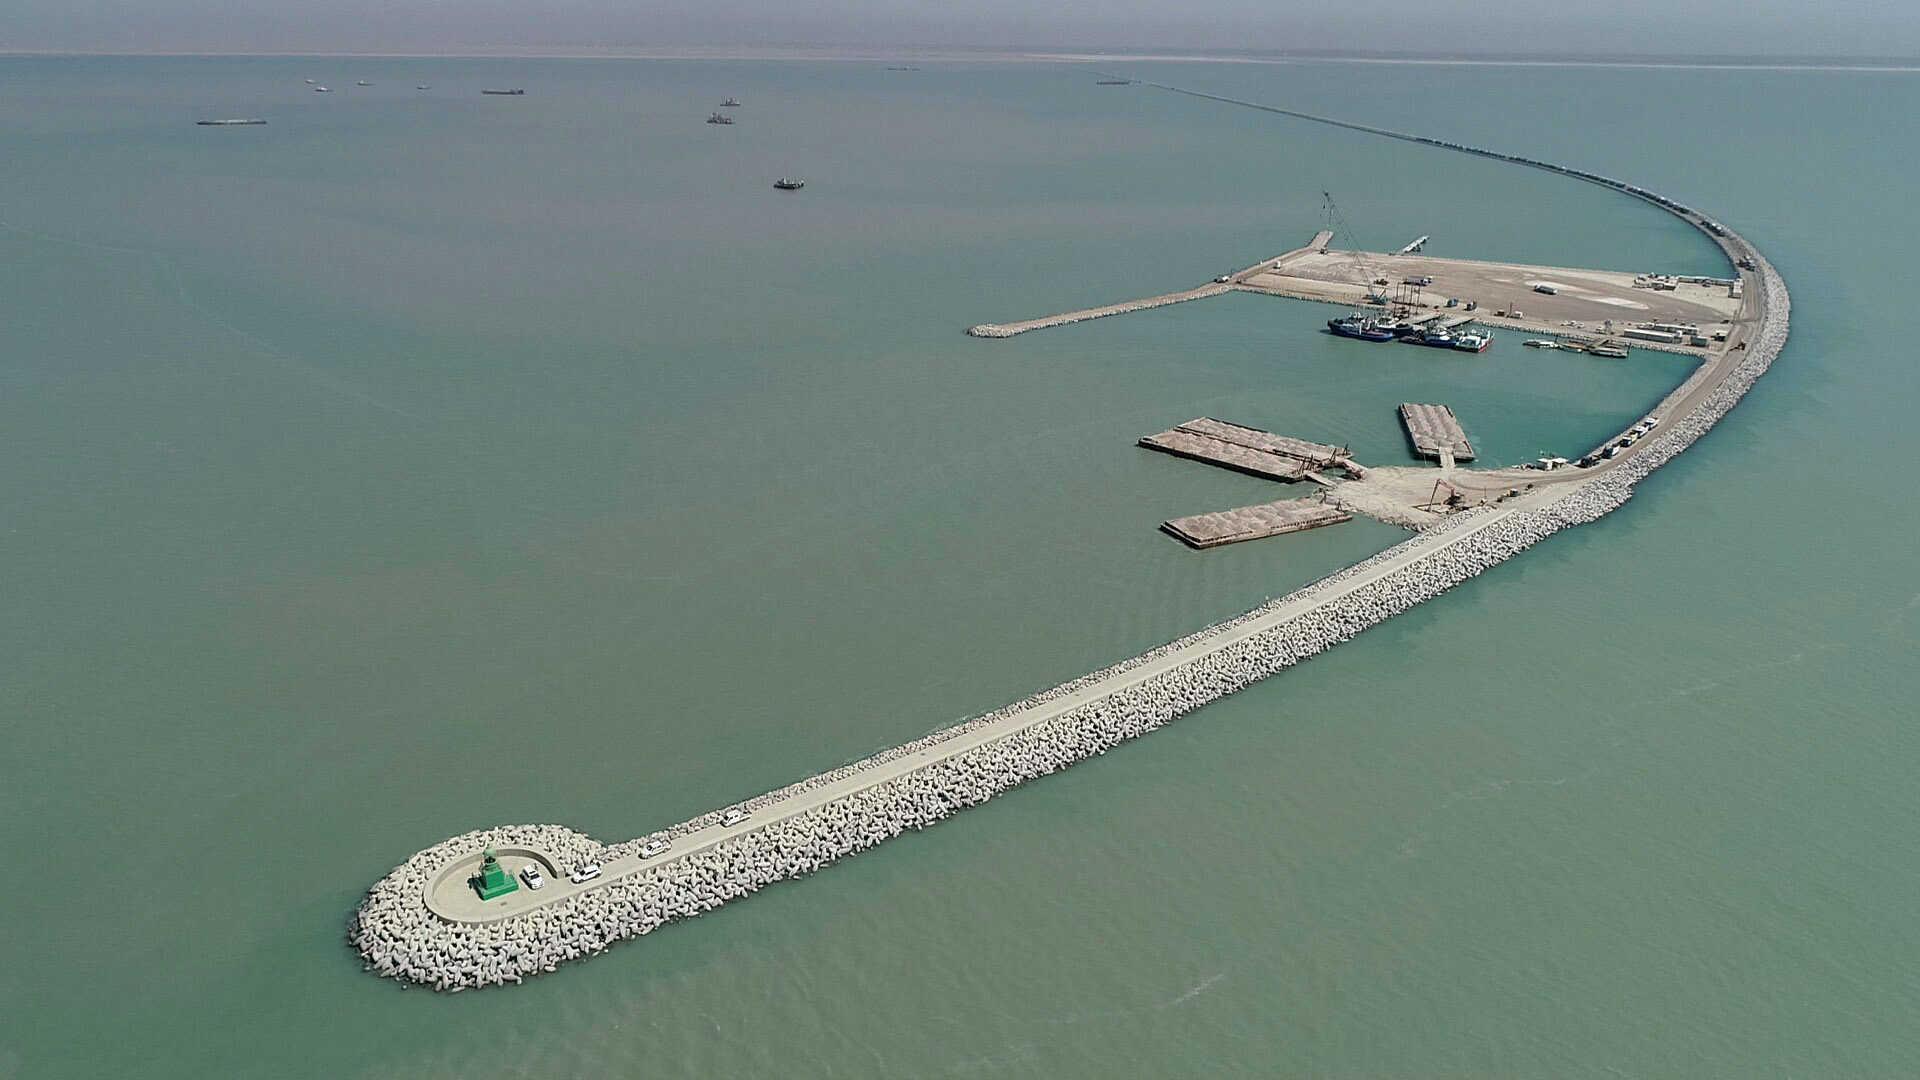 ميناء الفاو الكبير ٠٠وحقيقة ما يدور حوله